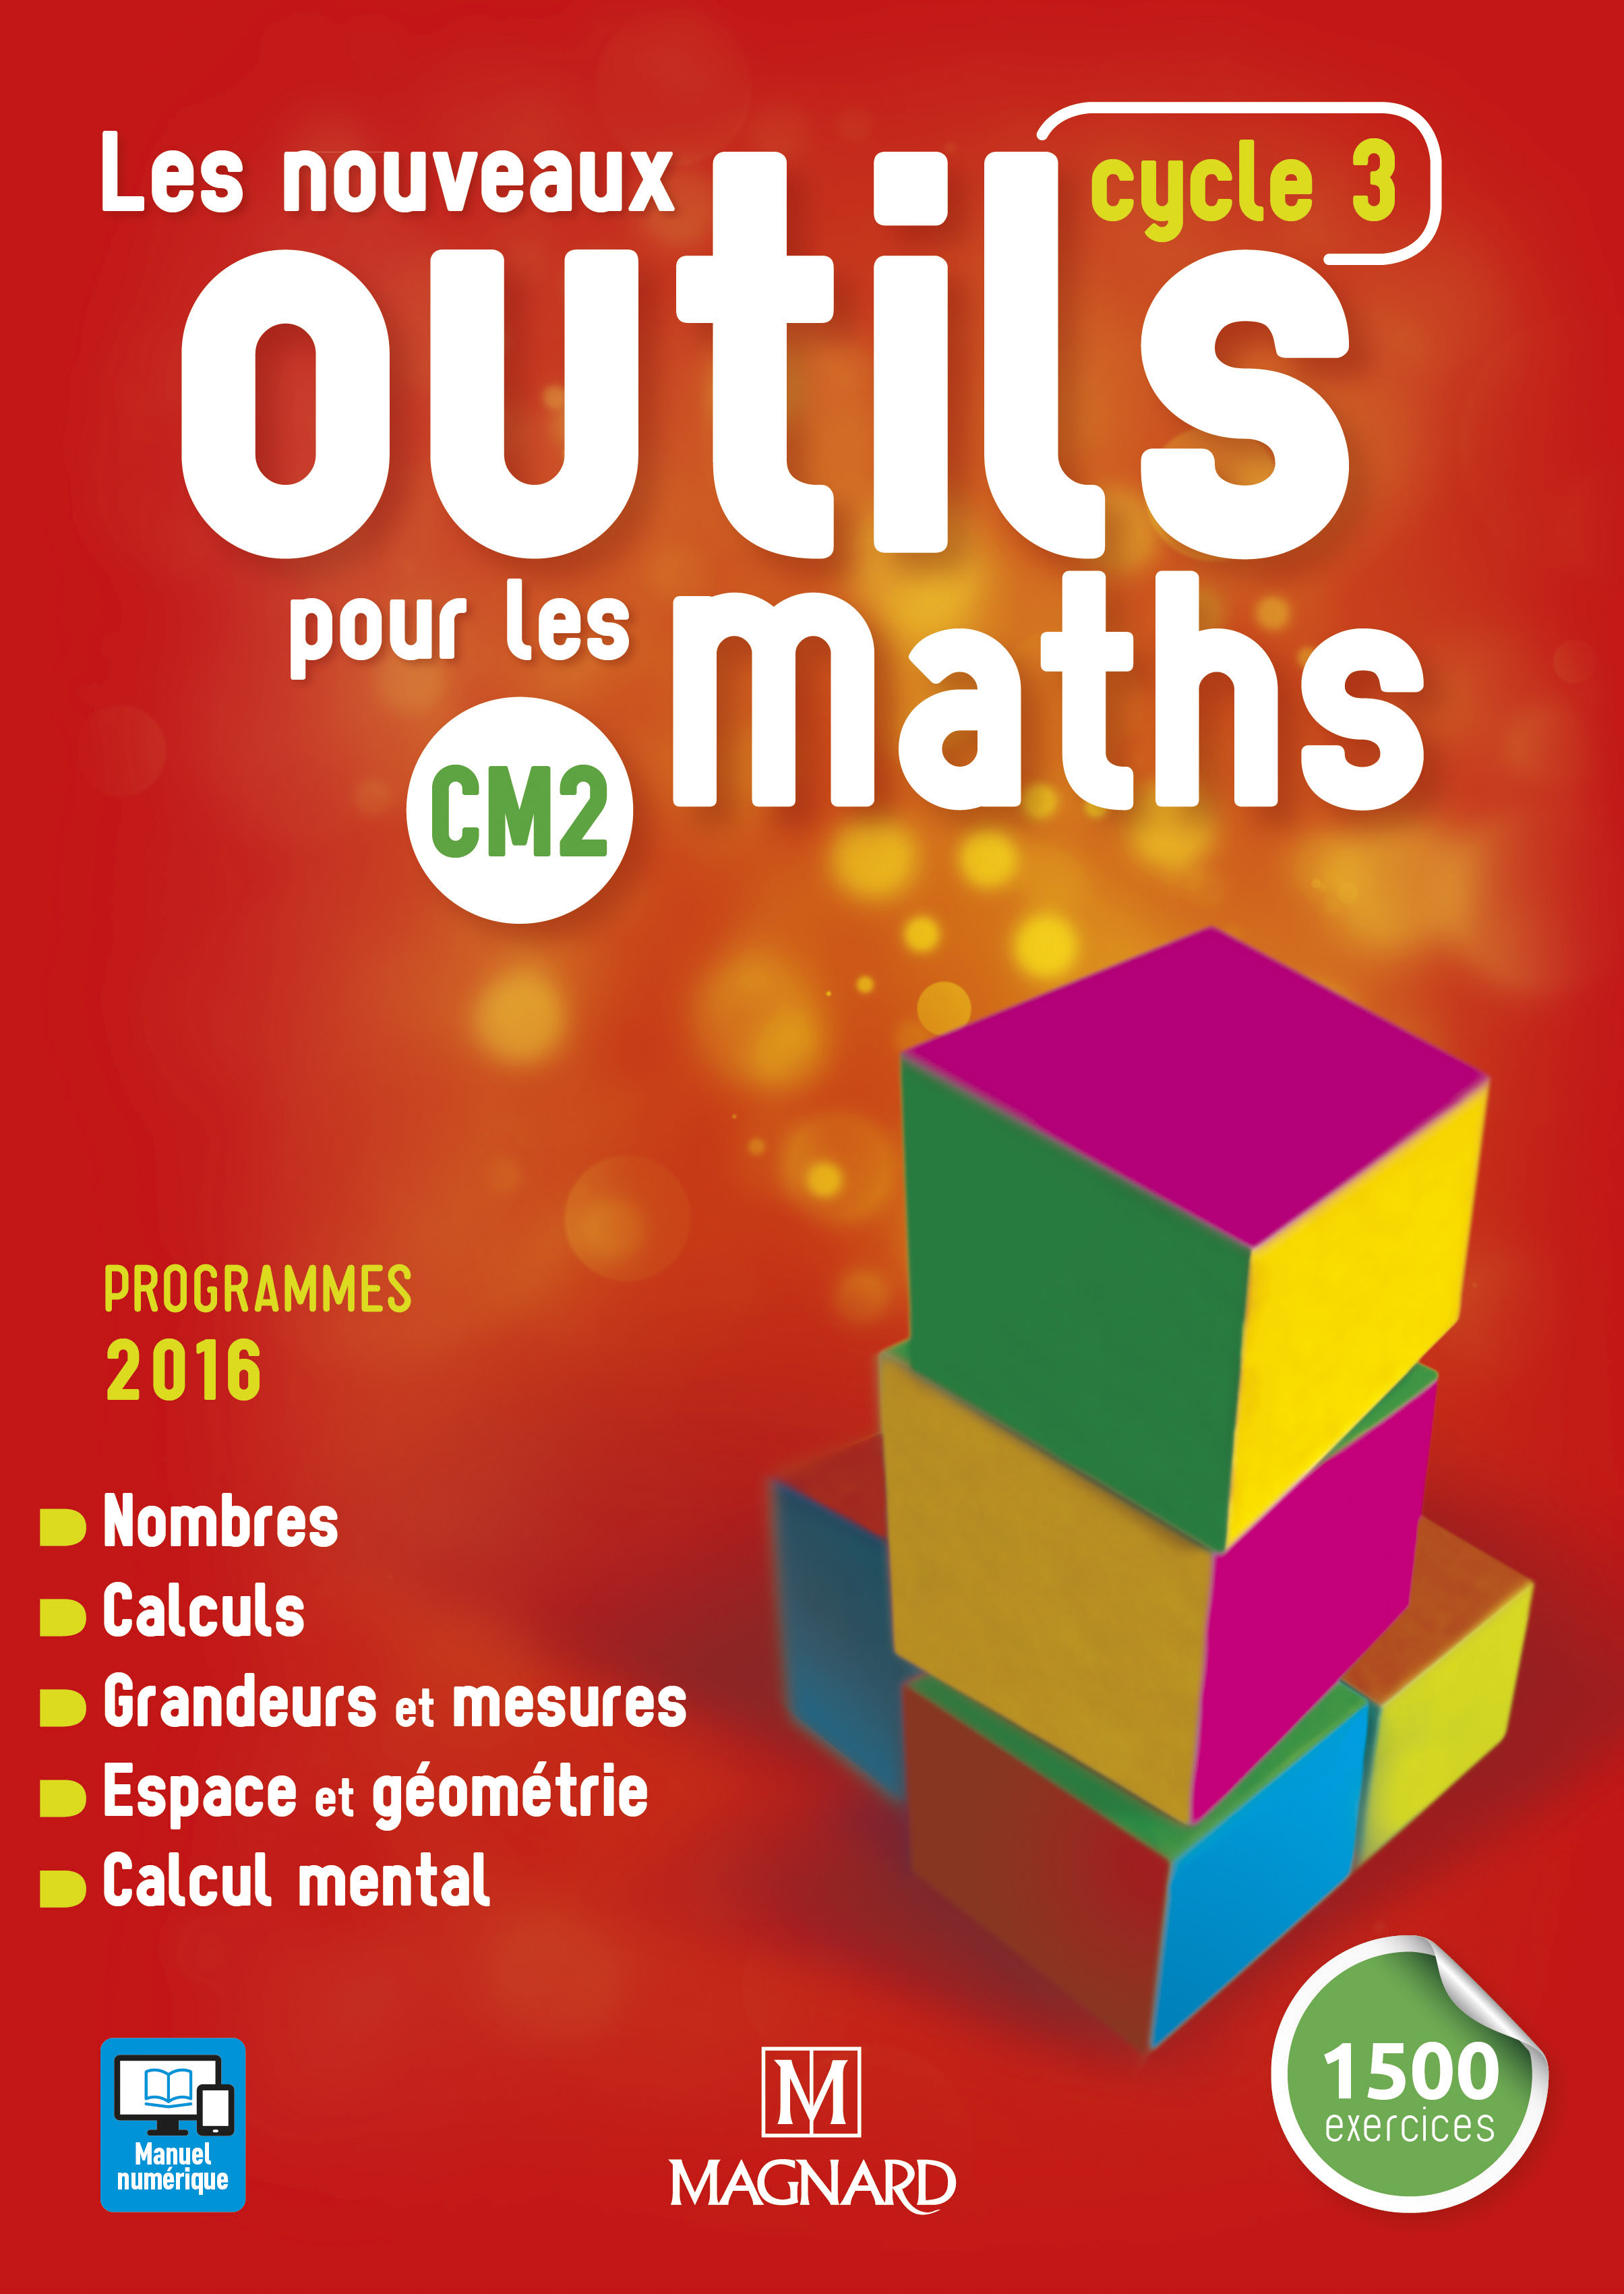 Les Nouveaux Outils Pour Les Maths Cm2 (2017) - Manuel De L dedans Exercice Cm2 Gratuit